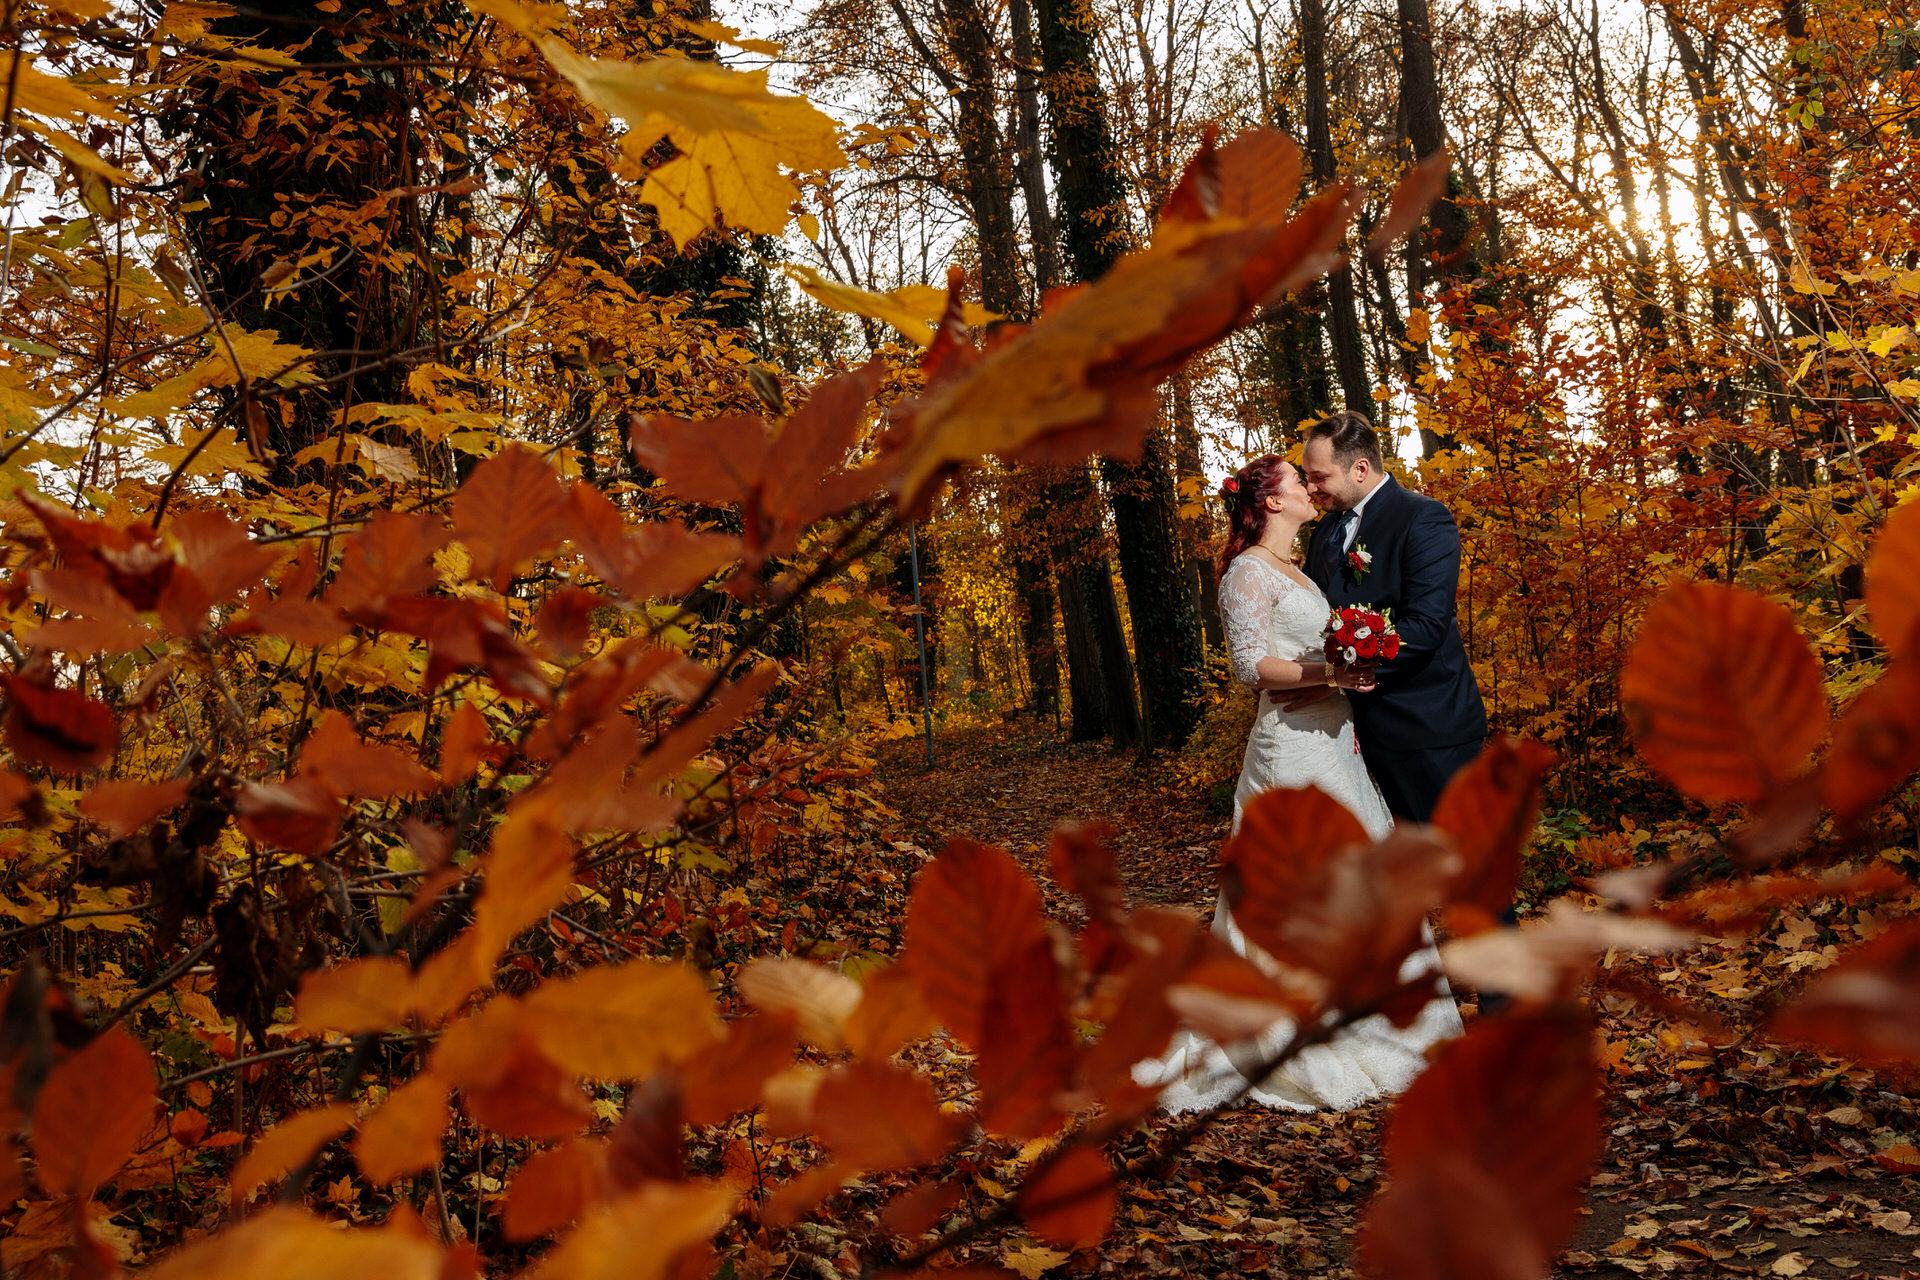 Hochzeitsfotos im Herbst im Wald Berlin